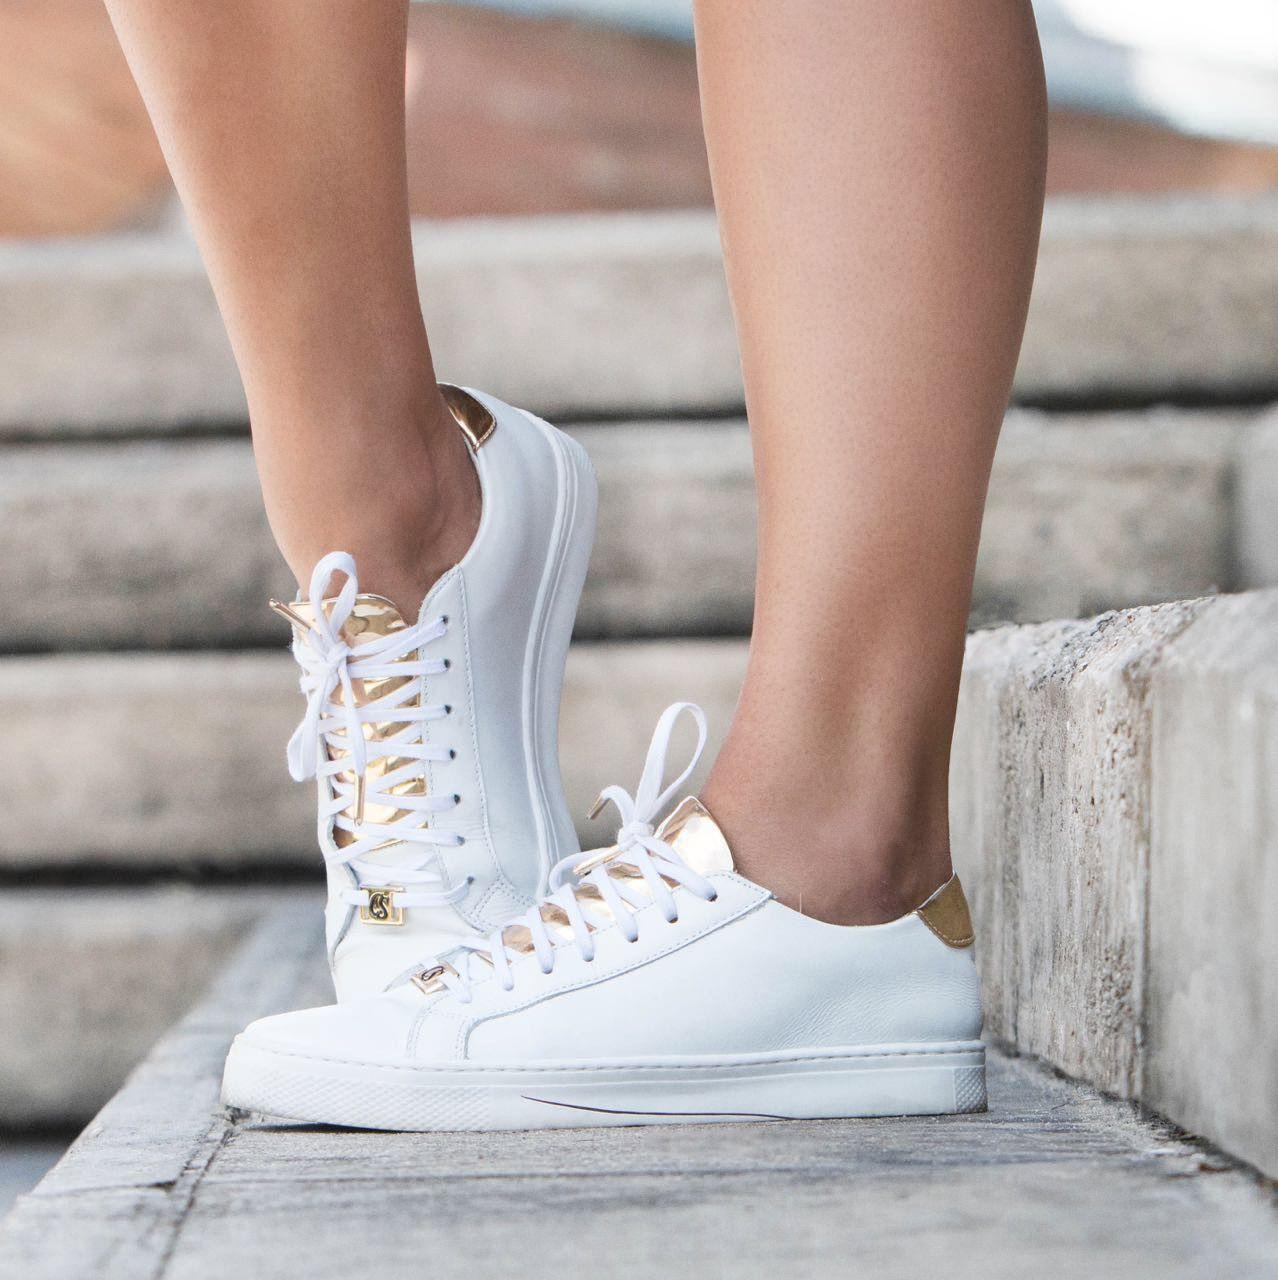 b7bd6d75762 Tênis branco com dourado Carmen Steffens é must-have dessa estação. white  sneaker